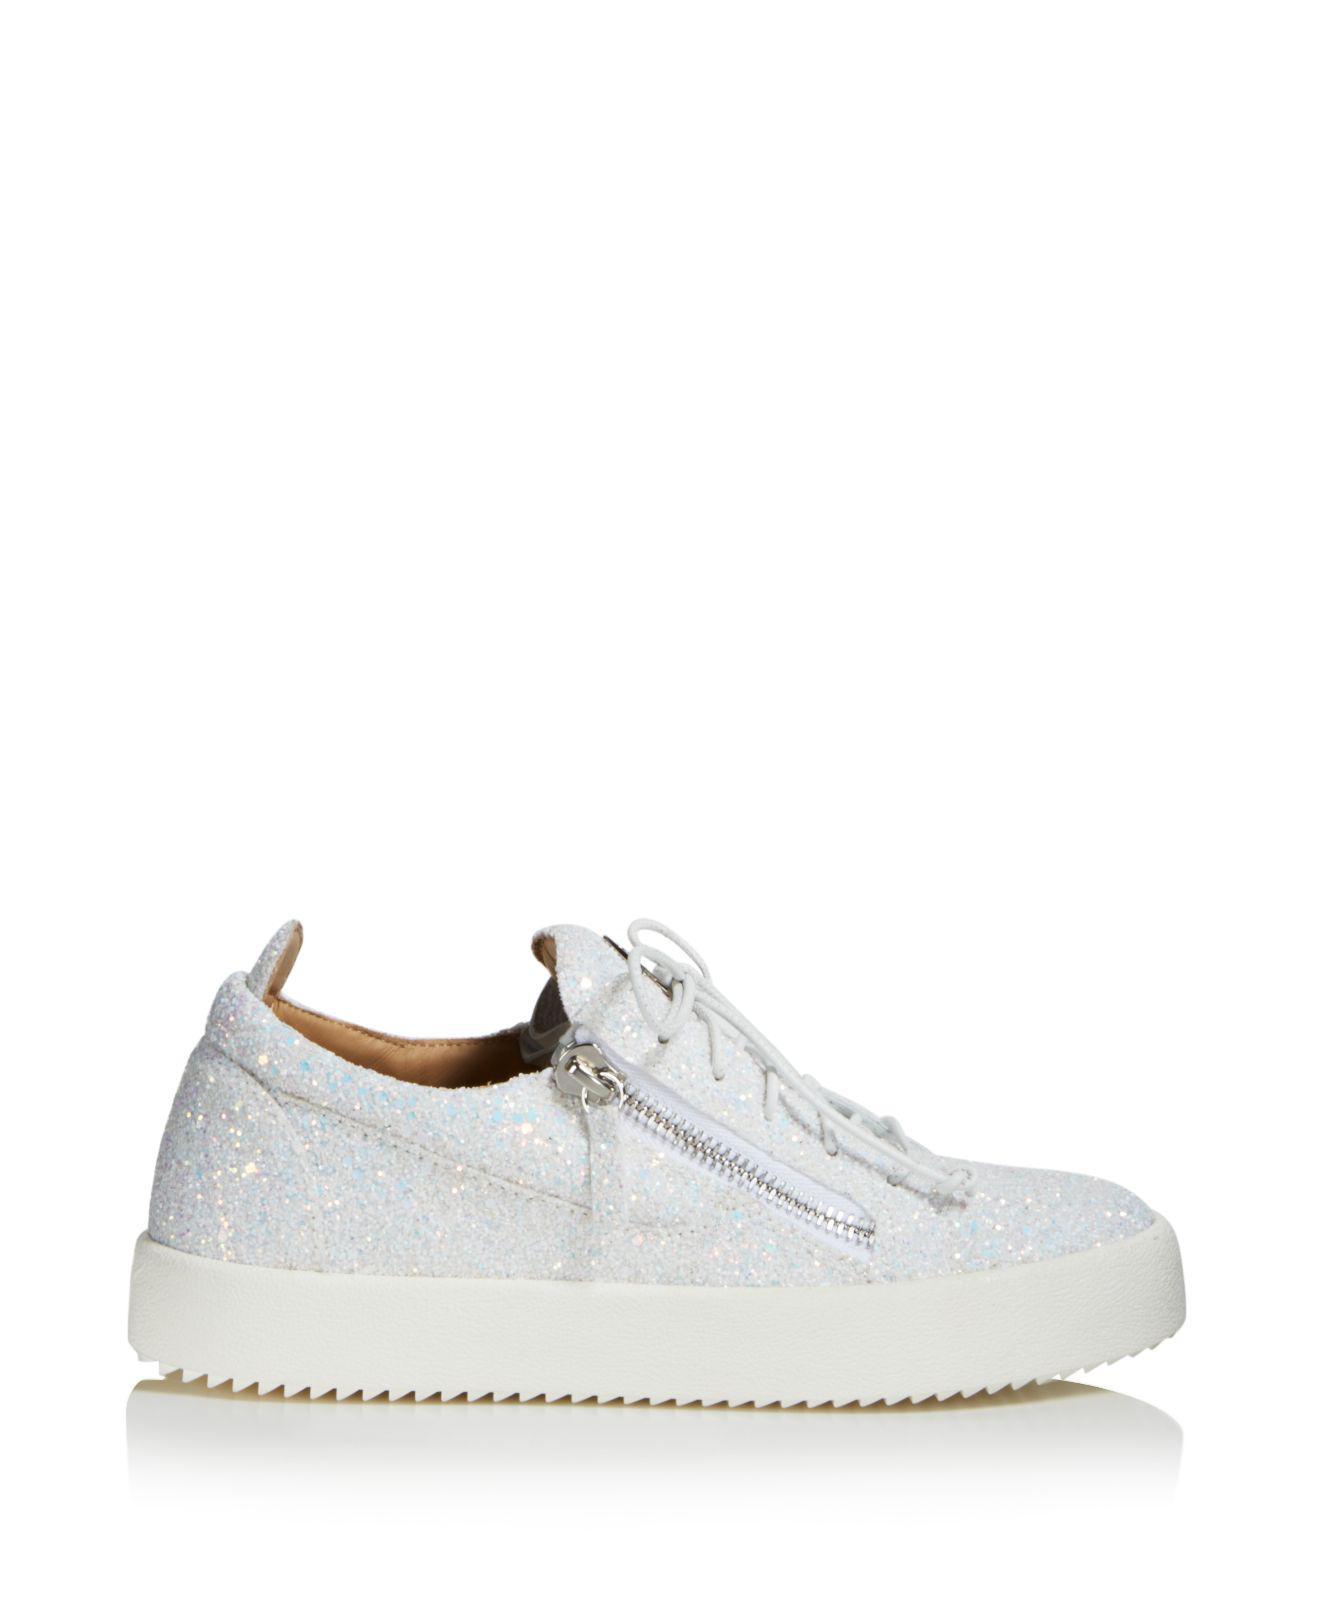 Giuseppe Zanotti Women's Glitter Leather May London Lace Up Sneakers